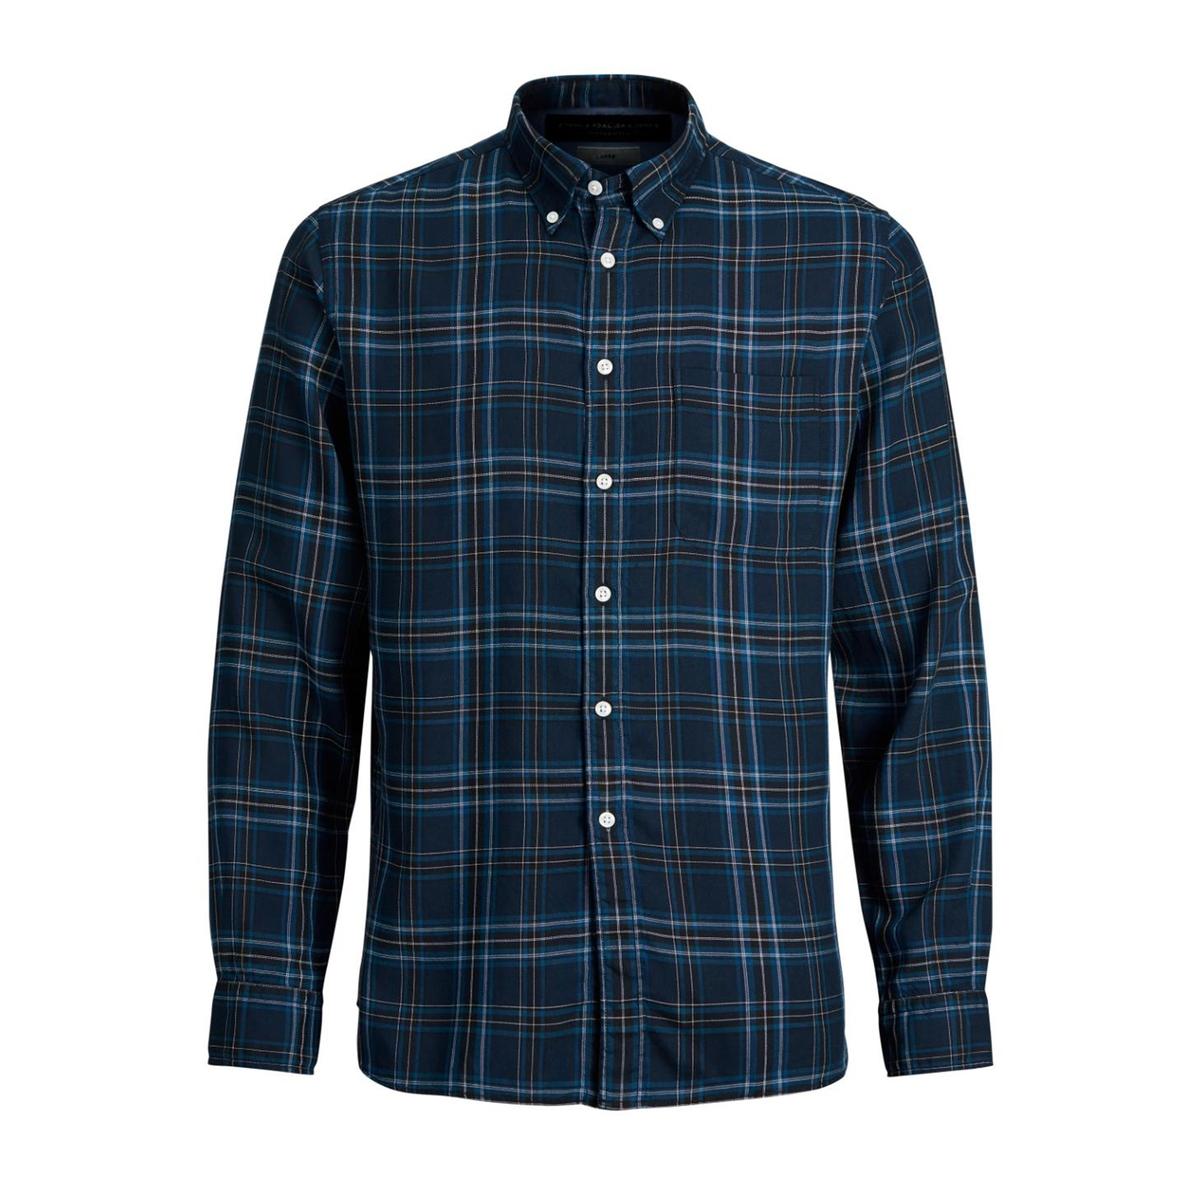 Рубашка JACK & JONES 15522622 от LaRedoute